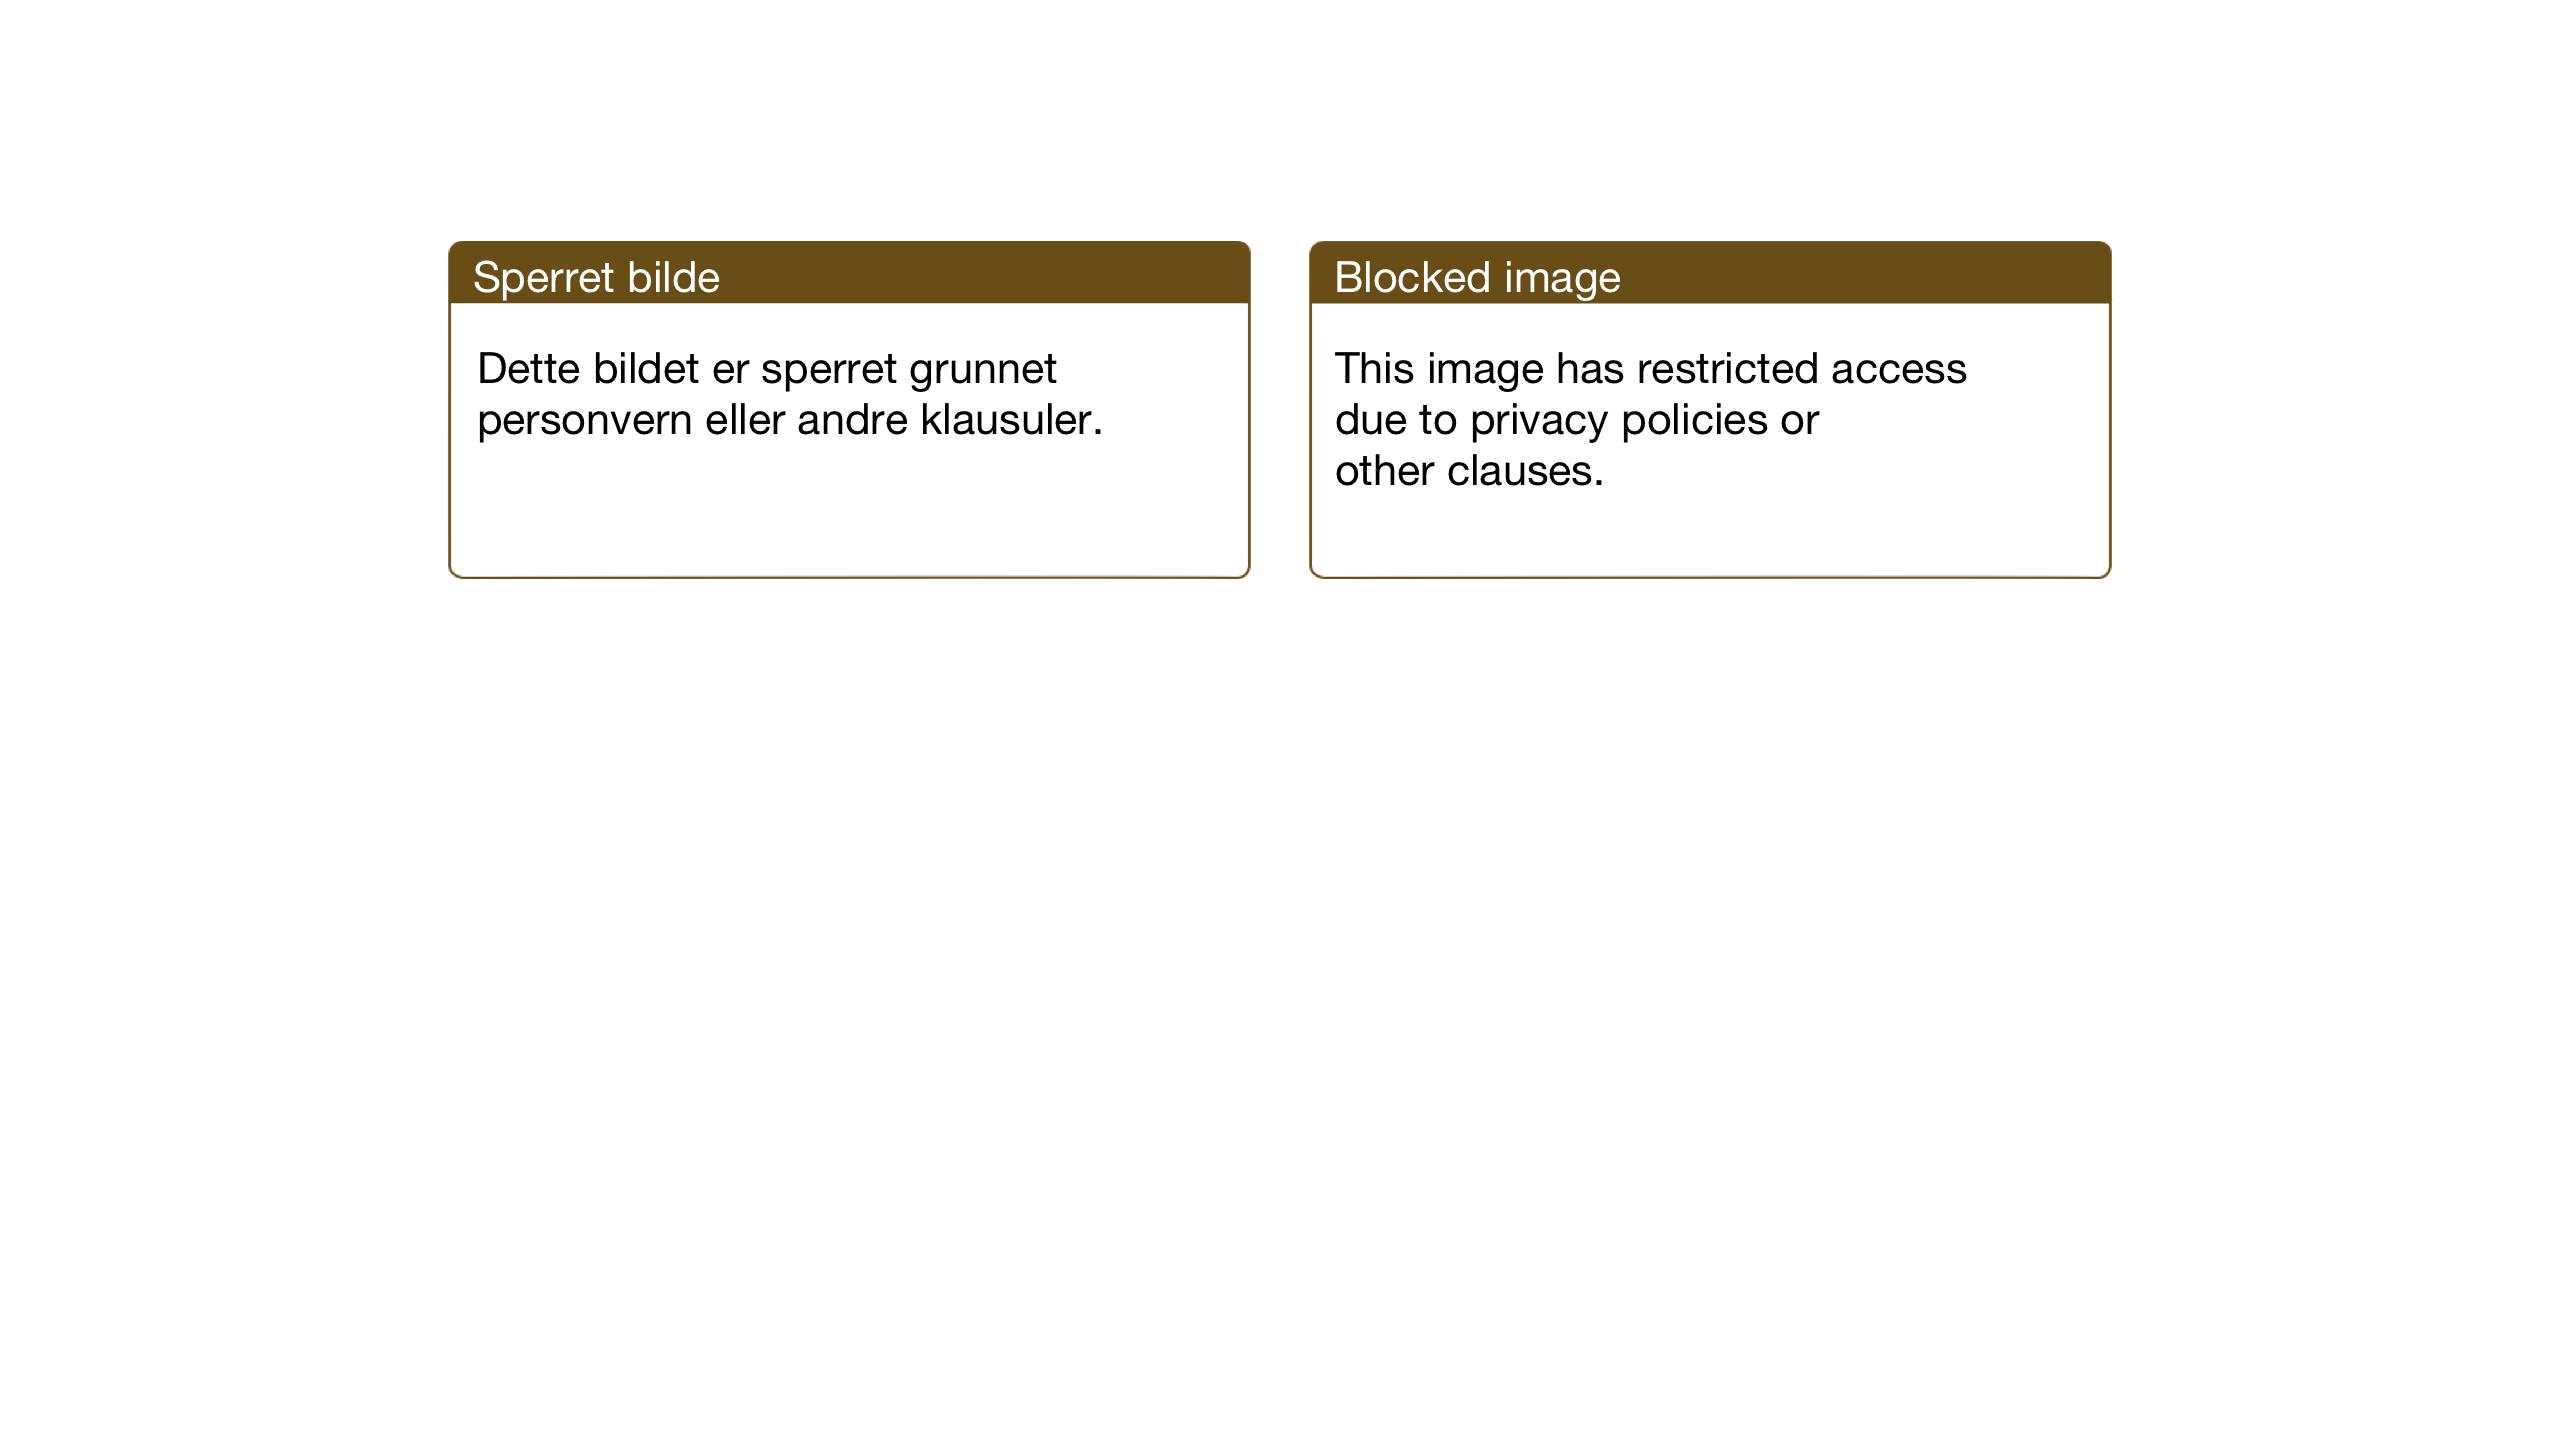 SAT, Ministerialprotokoller, klokkerbøker og fødselsregistre - Sør-Trøndelag, 637/L0564: Klokkerbok nr. 637C05, 1928-1968, s. 69